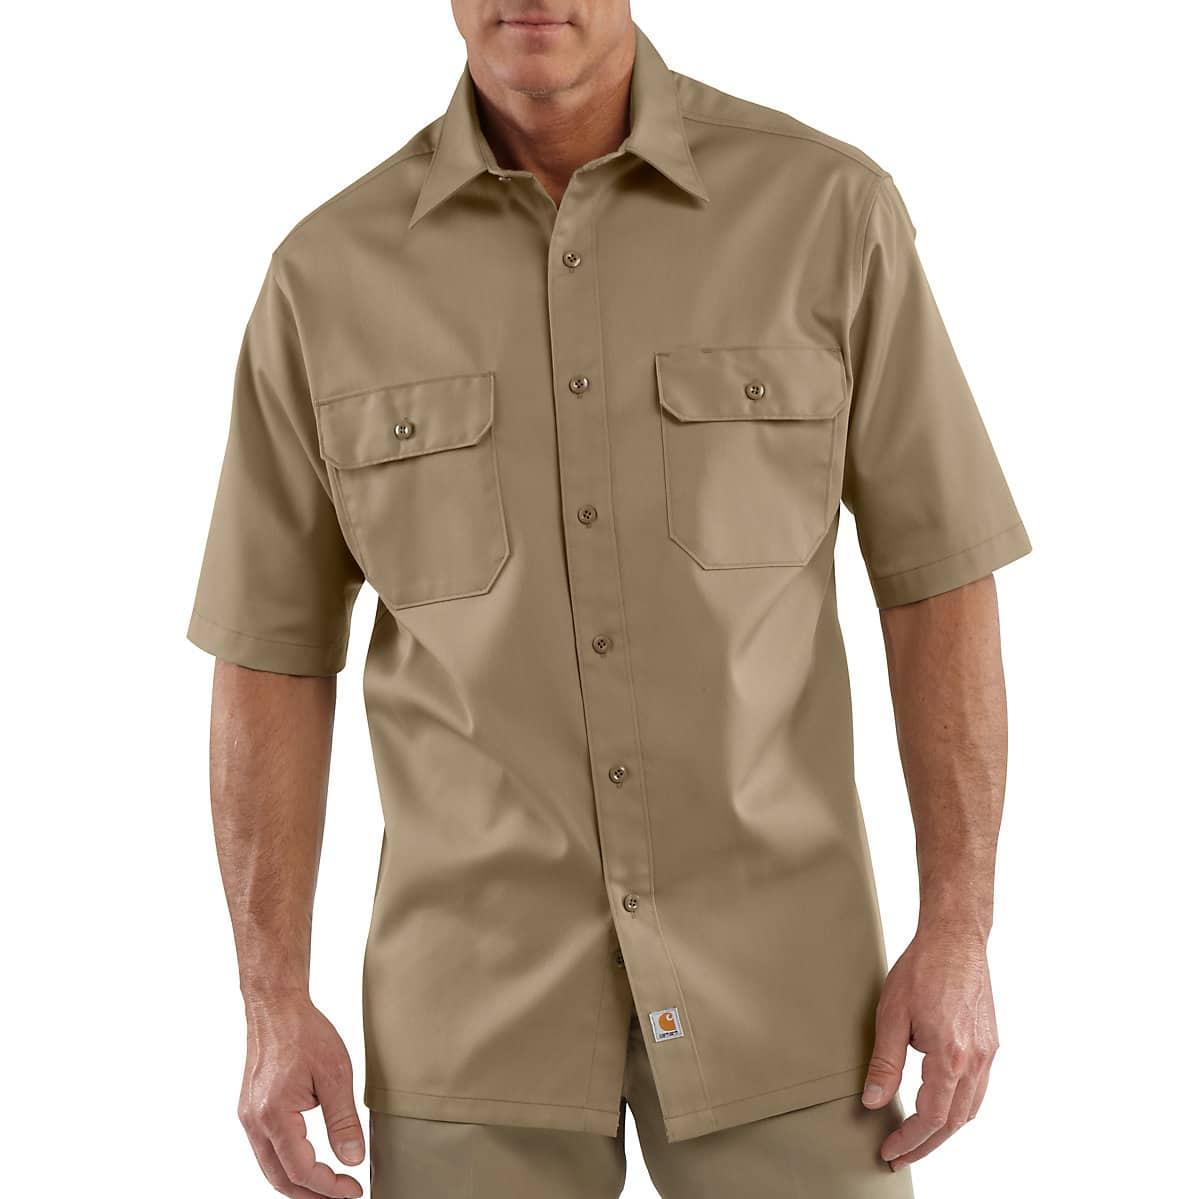 50466d3e281f7 Men s Short-Sleeve Twill Work Shirt S223